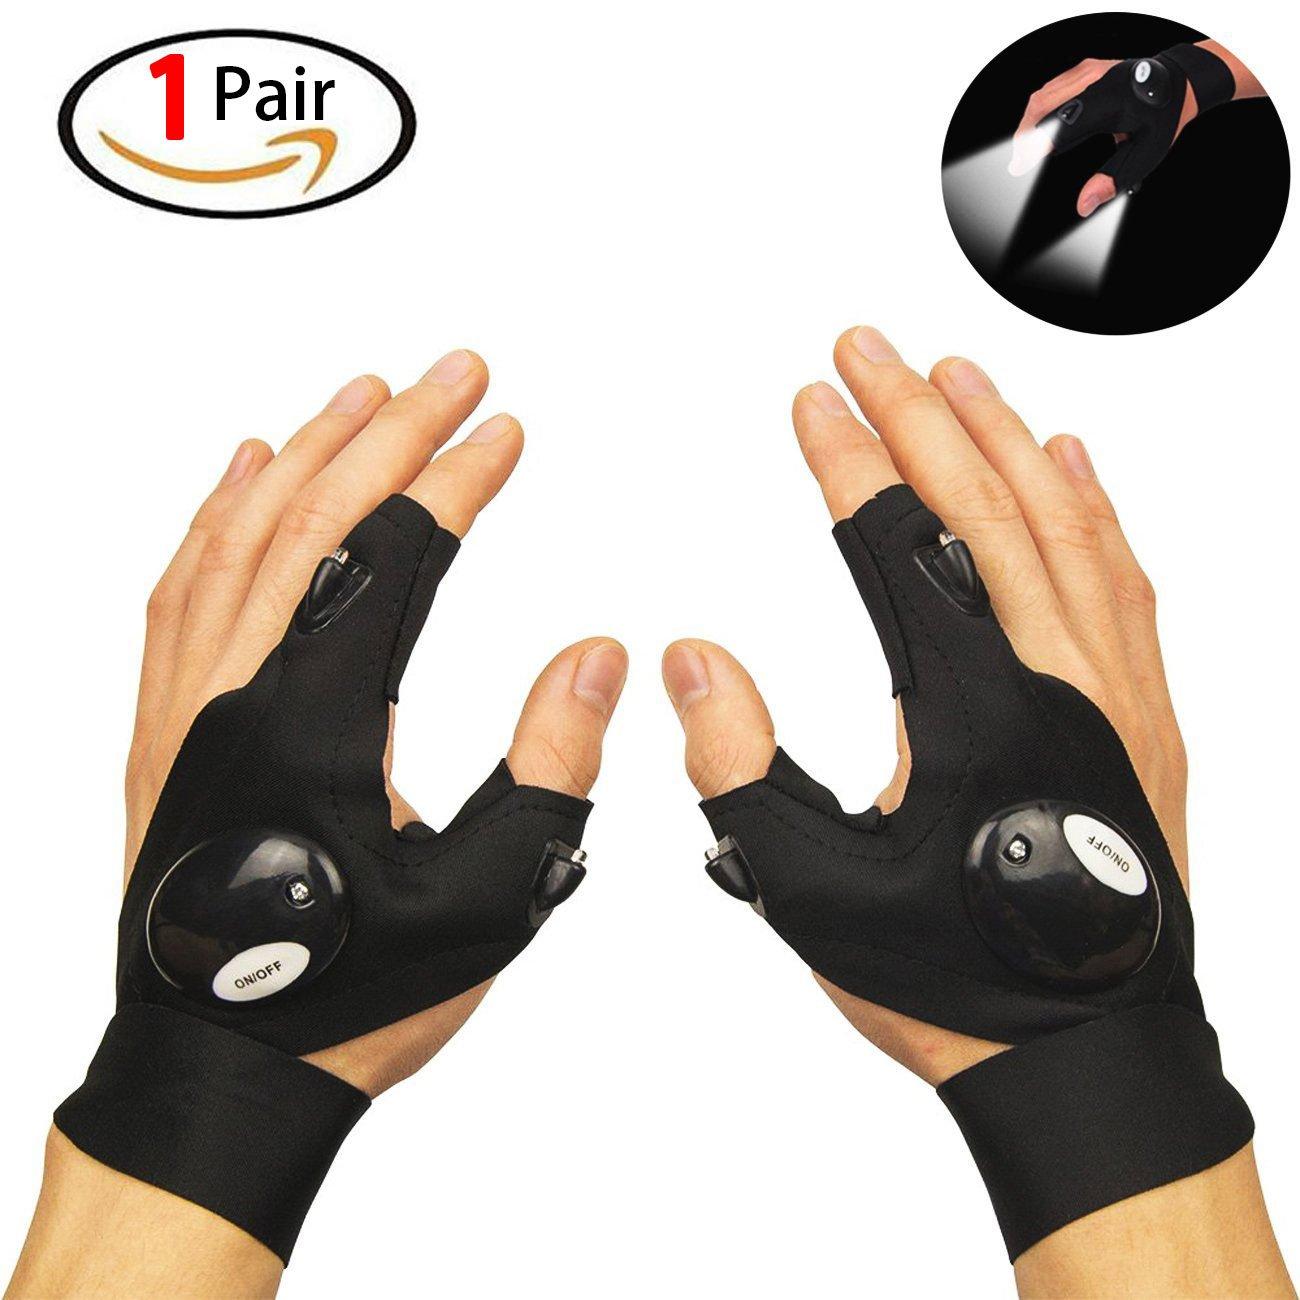 Originalidad Gloves LED Light LED Lamp Cycling Gloves Flashlight LED Flashlight for Repairing/Working/Fishing/Camping, 1Pair